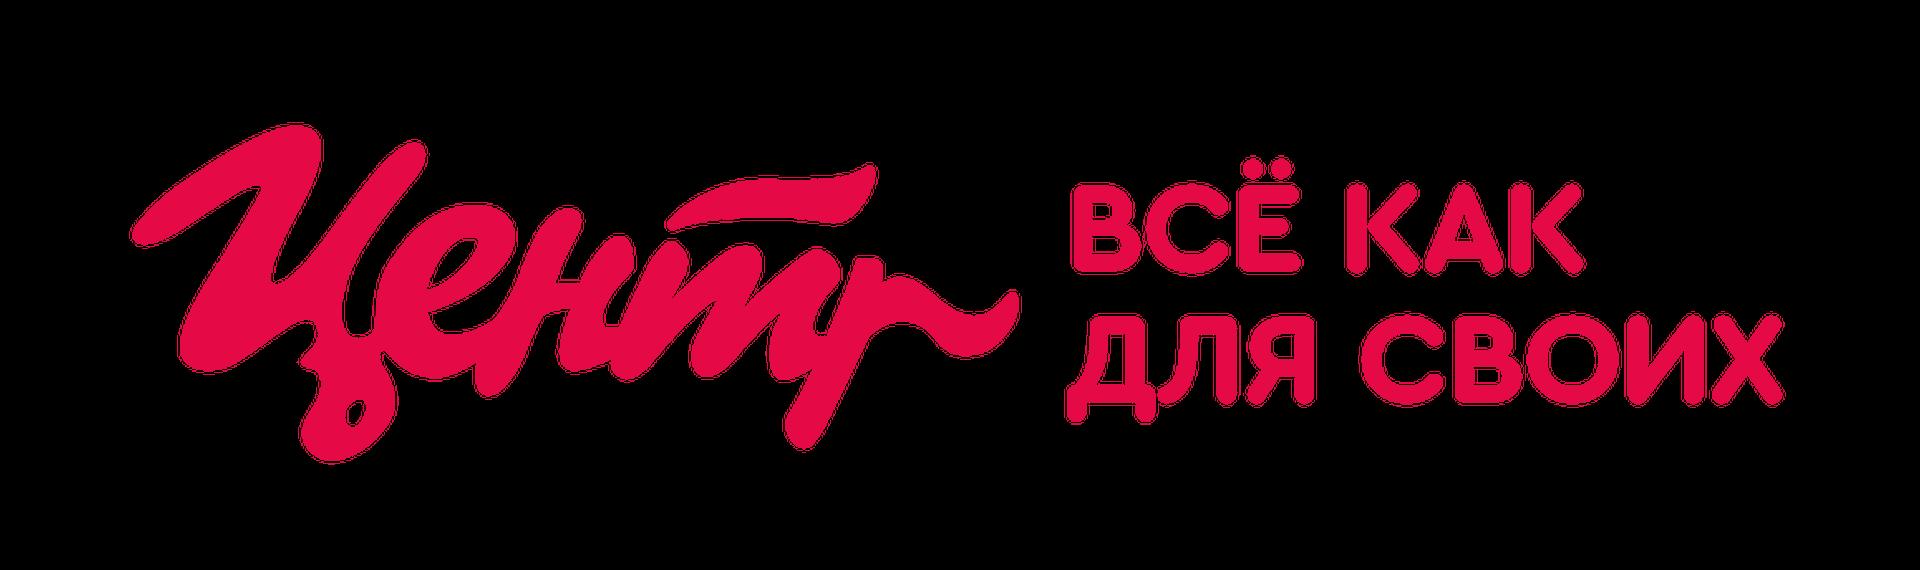 Корпорация Центр Интернет Магазин Тюмень Бытовая Техника